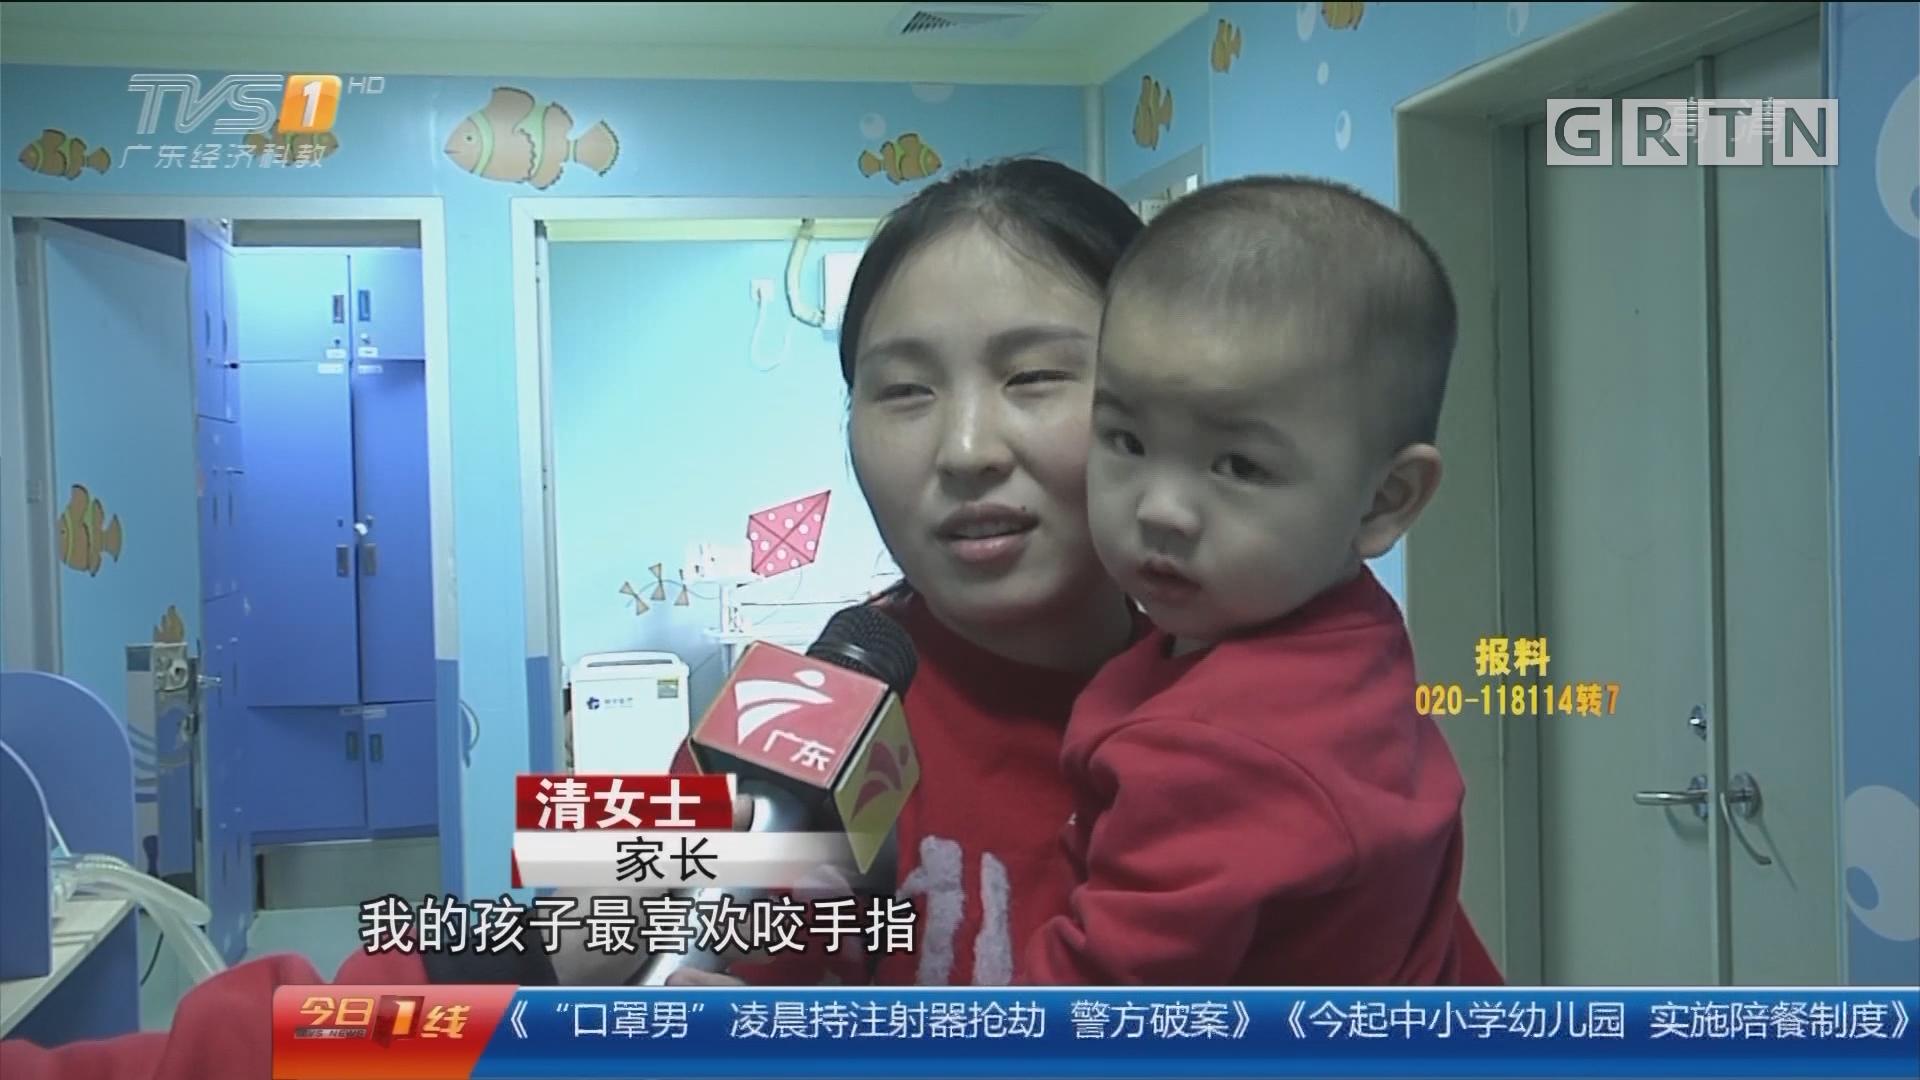 手口足病高发期:手足口病高发期 低年龄儿童感染率高